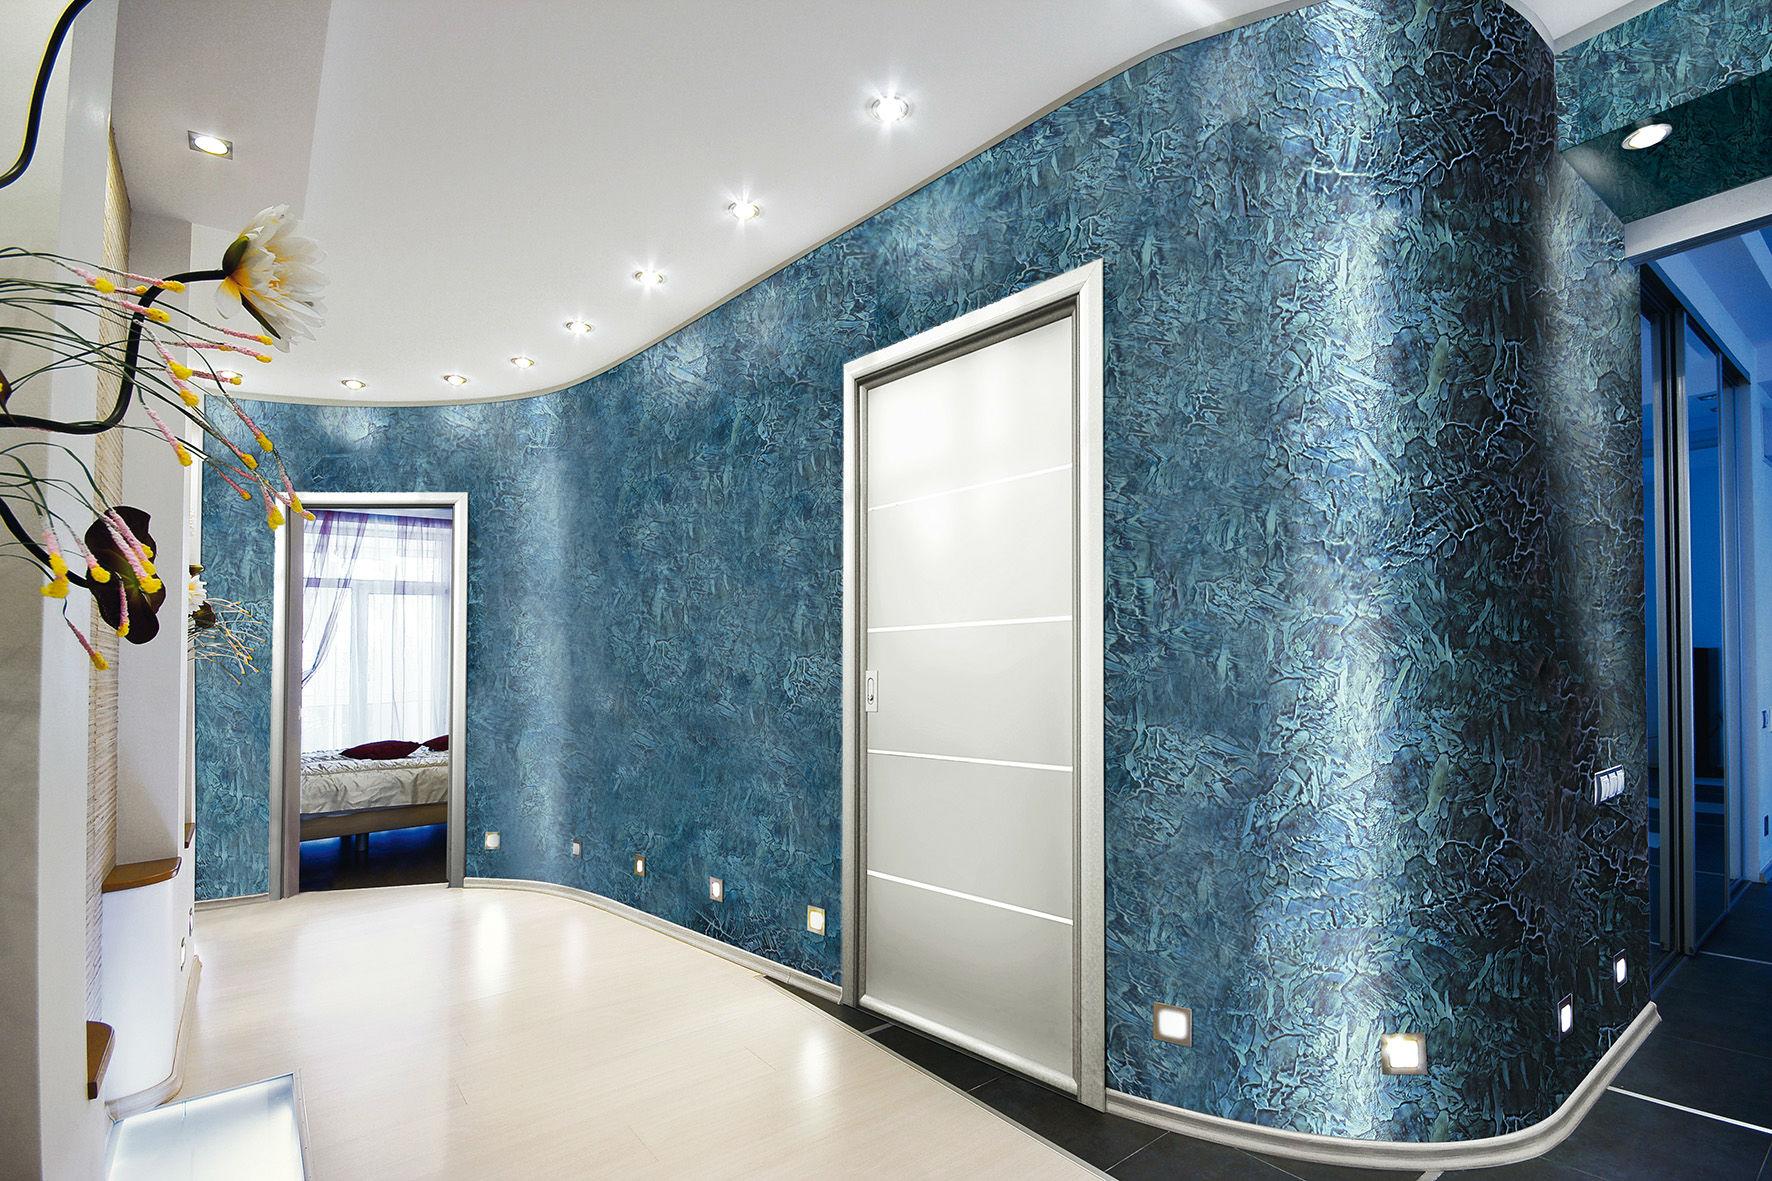 Pareti Dacqua Per Interni : Effetti decorativi e pitture per interni ed esterni palermo